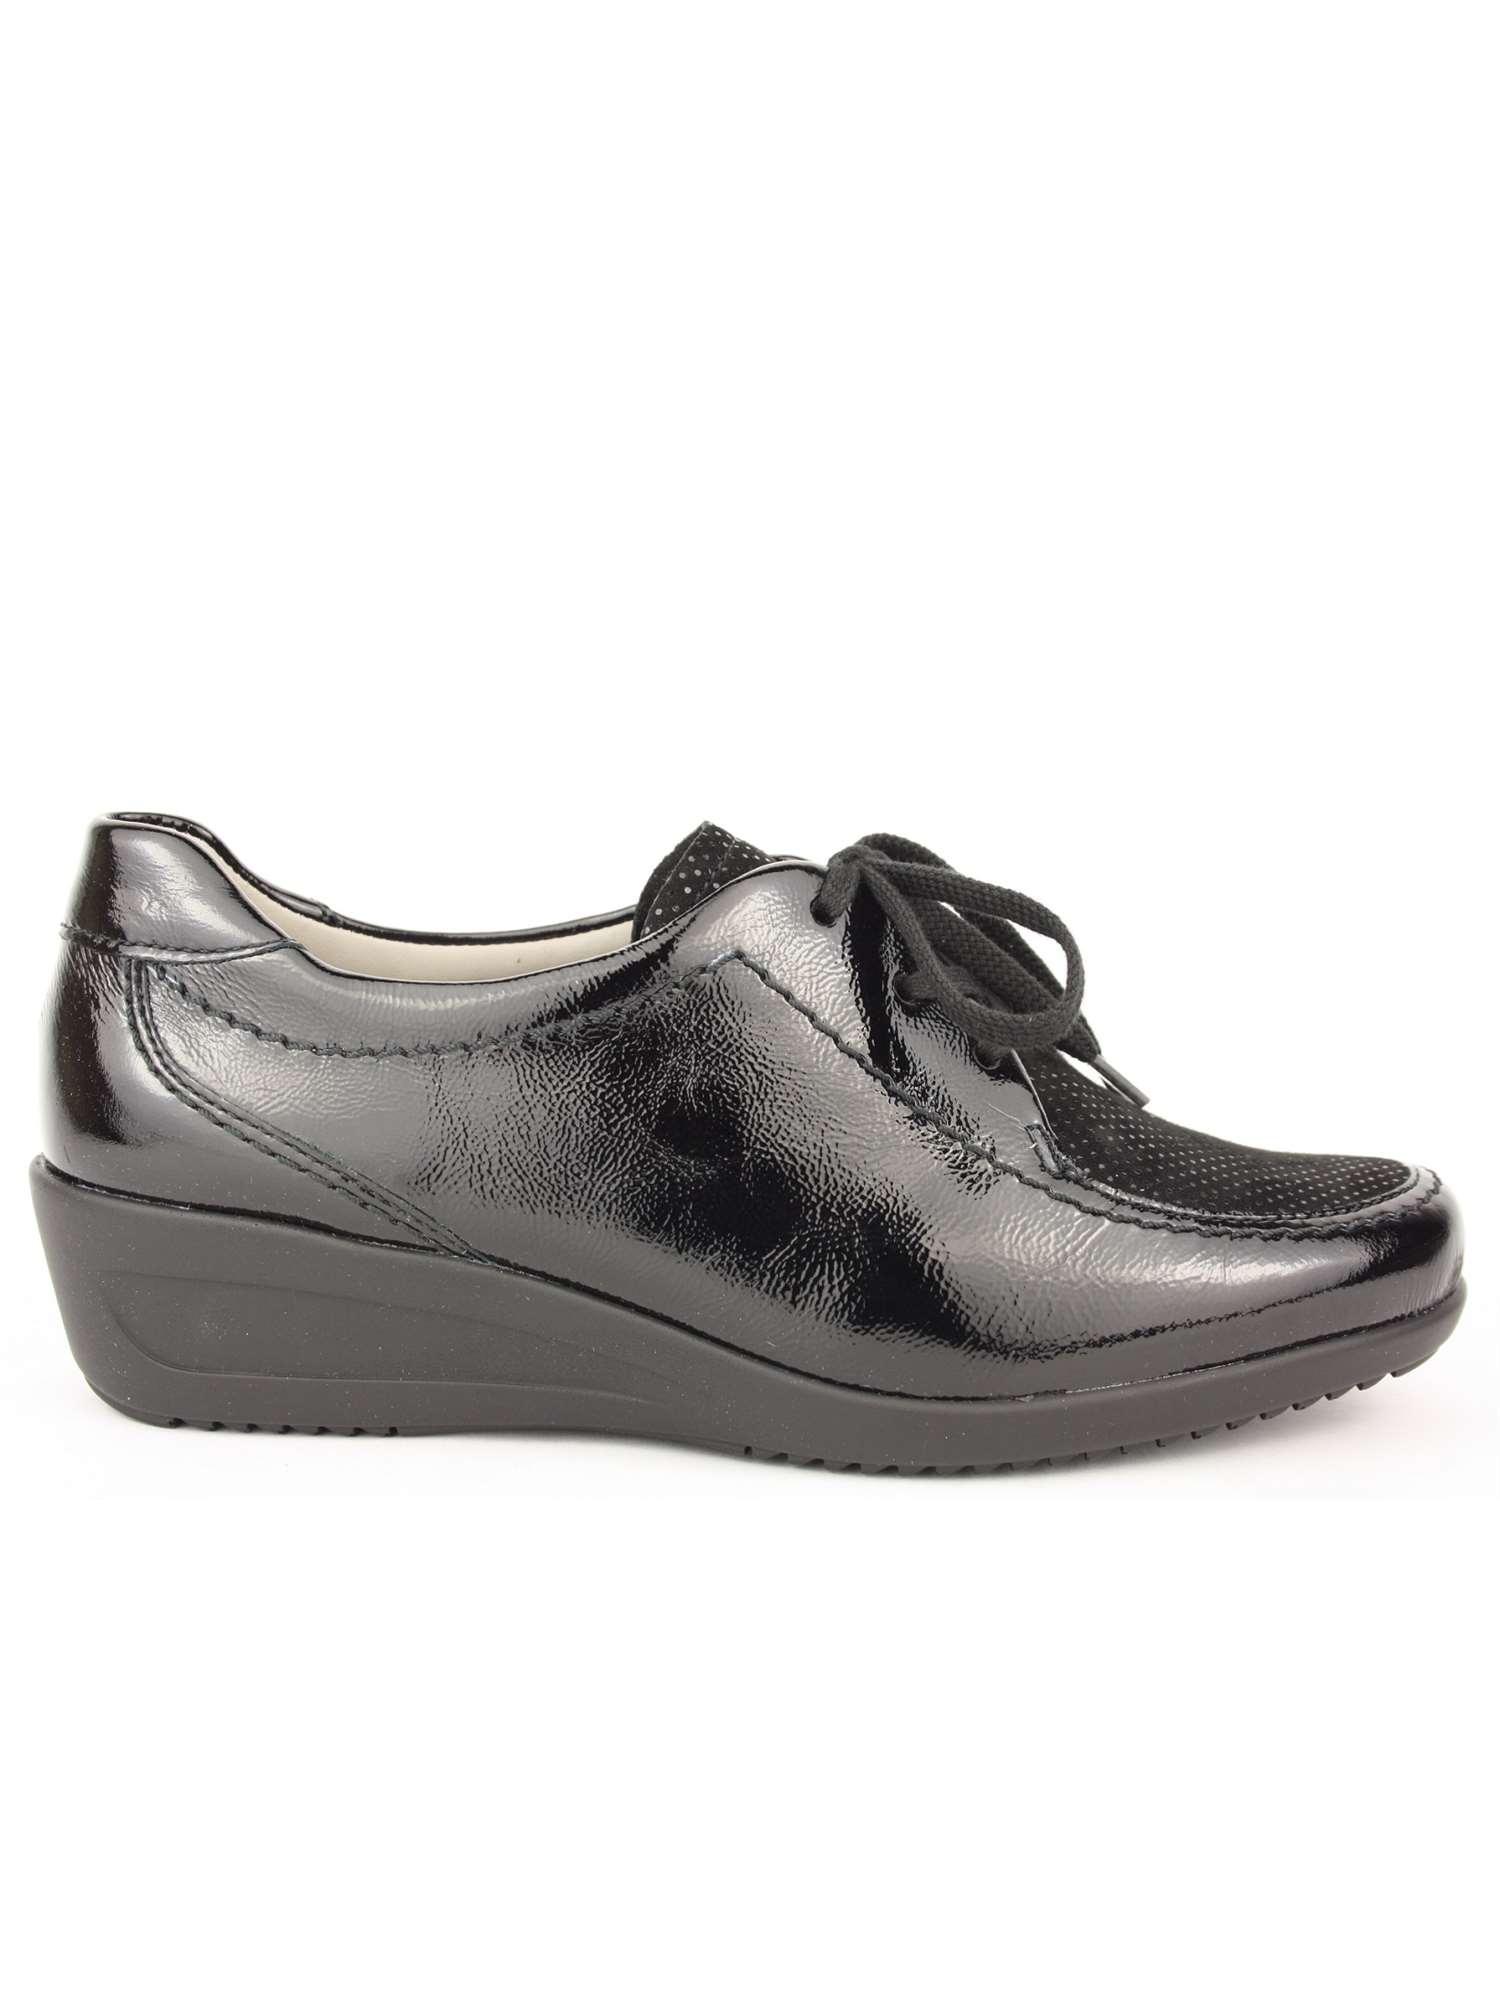 Ara Shoes Lacci Nero   Lacci Donna Vernice   Tania Calzature